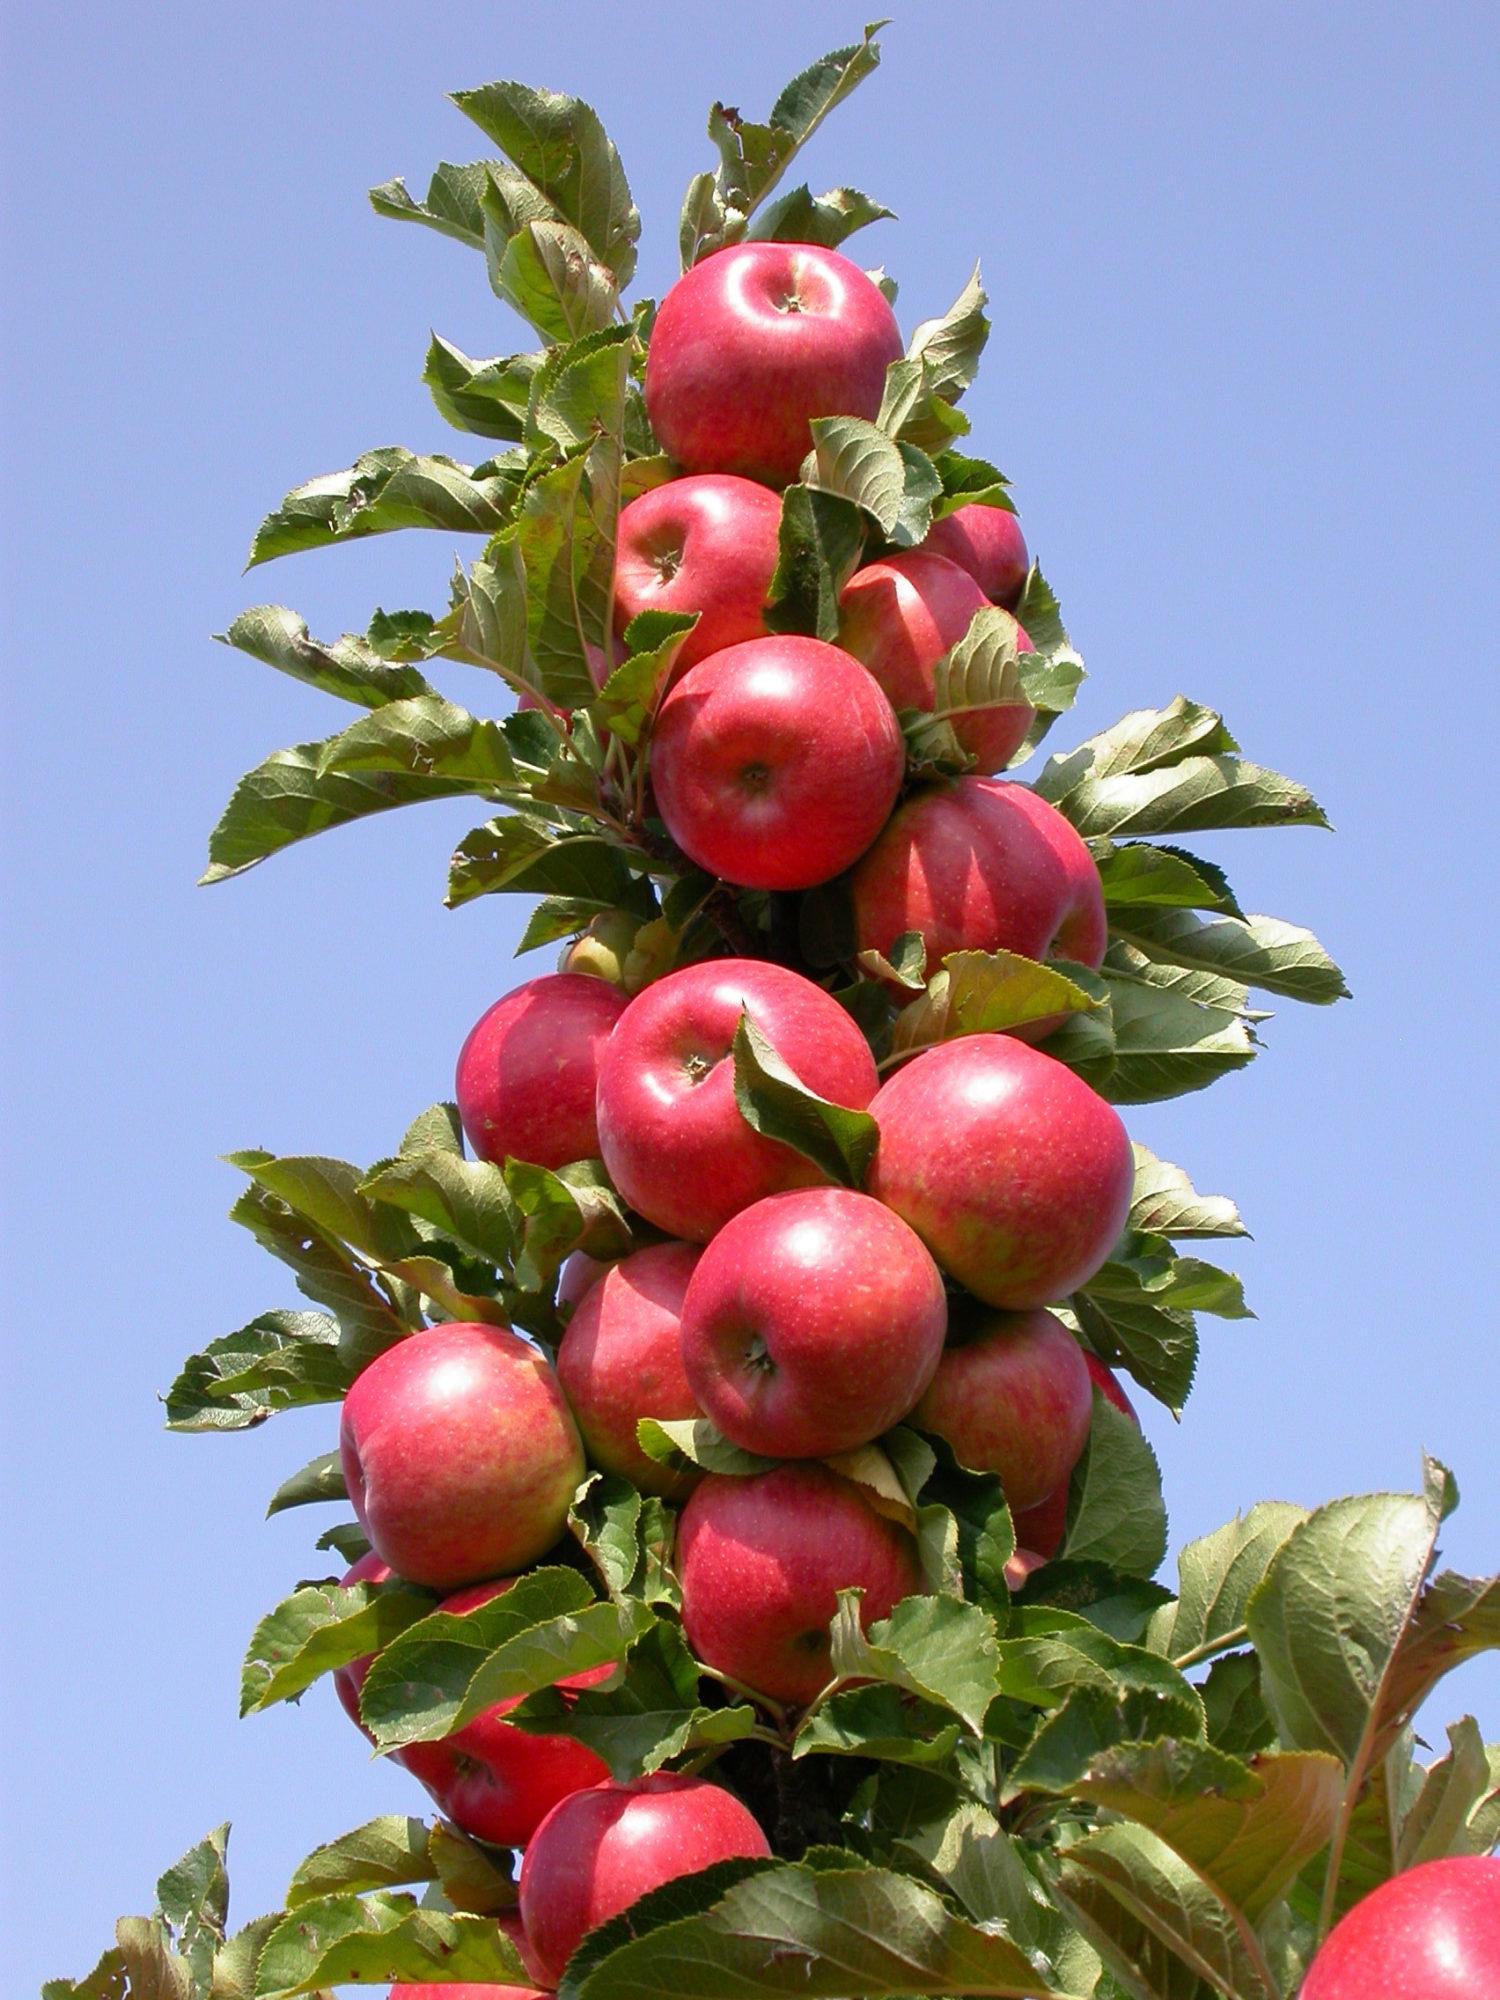 В условиях короткого и холодного лета важно чтобы сорт яблони был устойчив распространенным заболеваниям плодовых деревьев